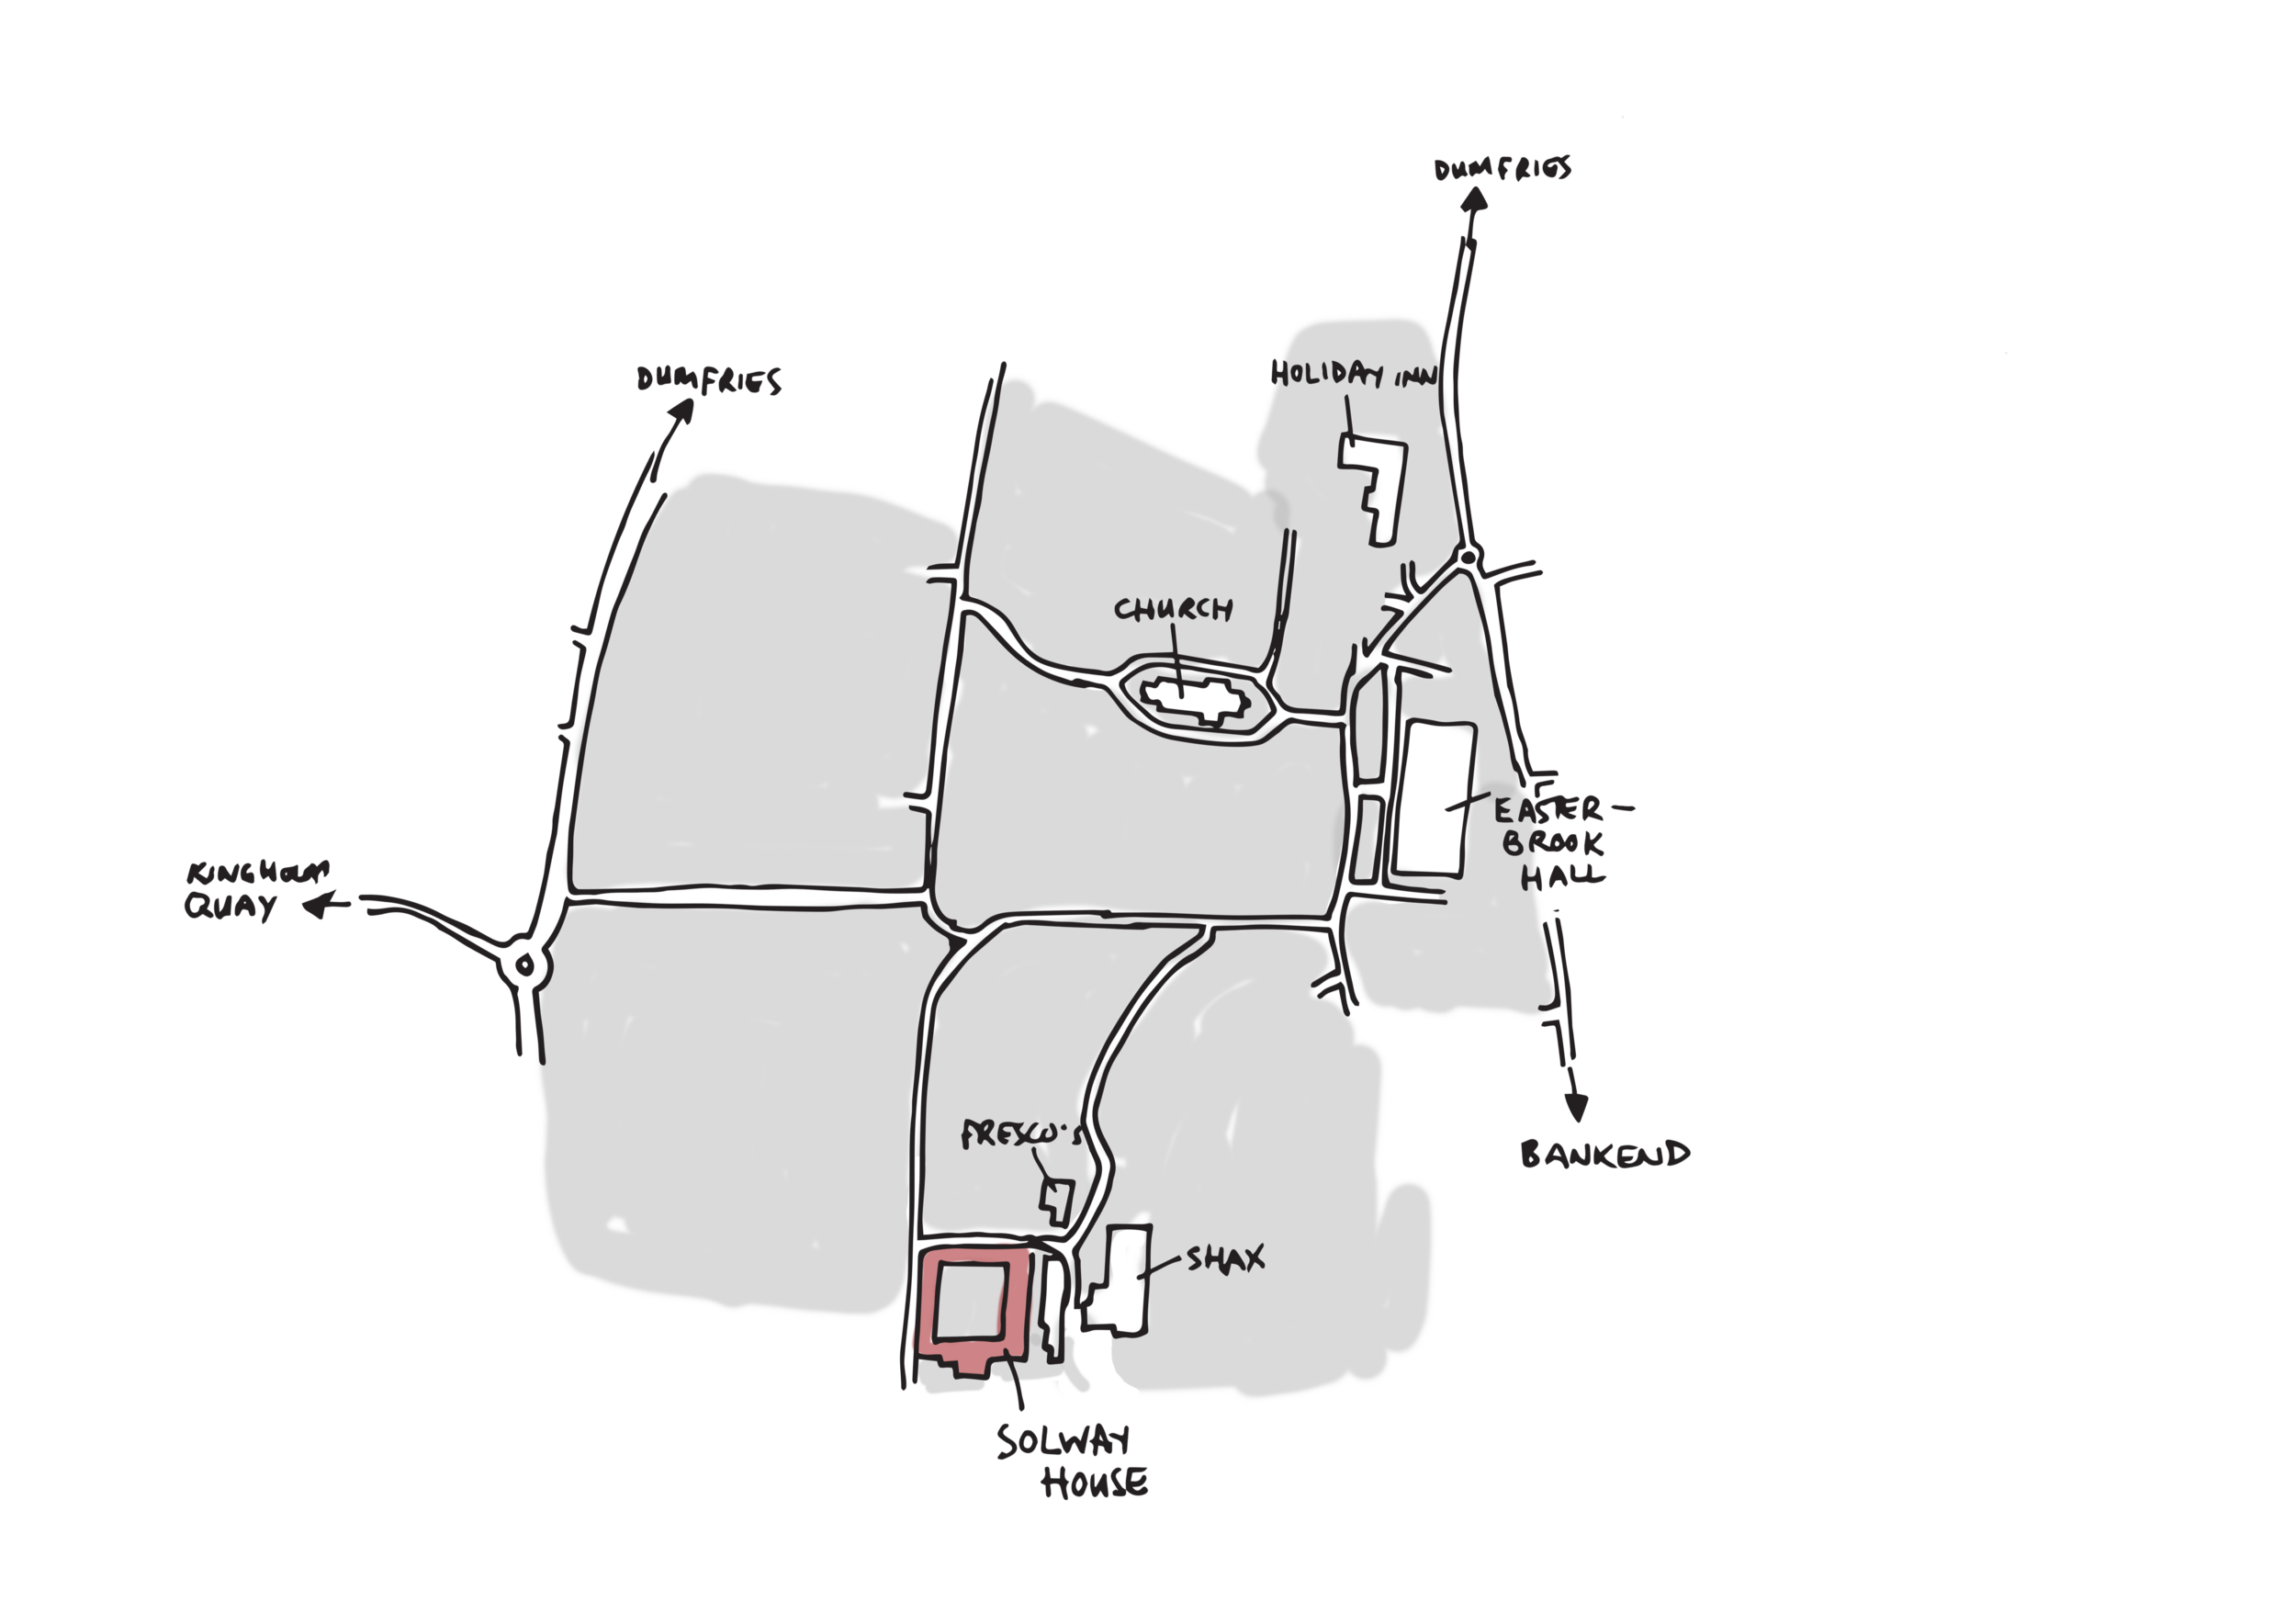 Solway Map 1.png